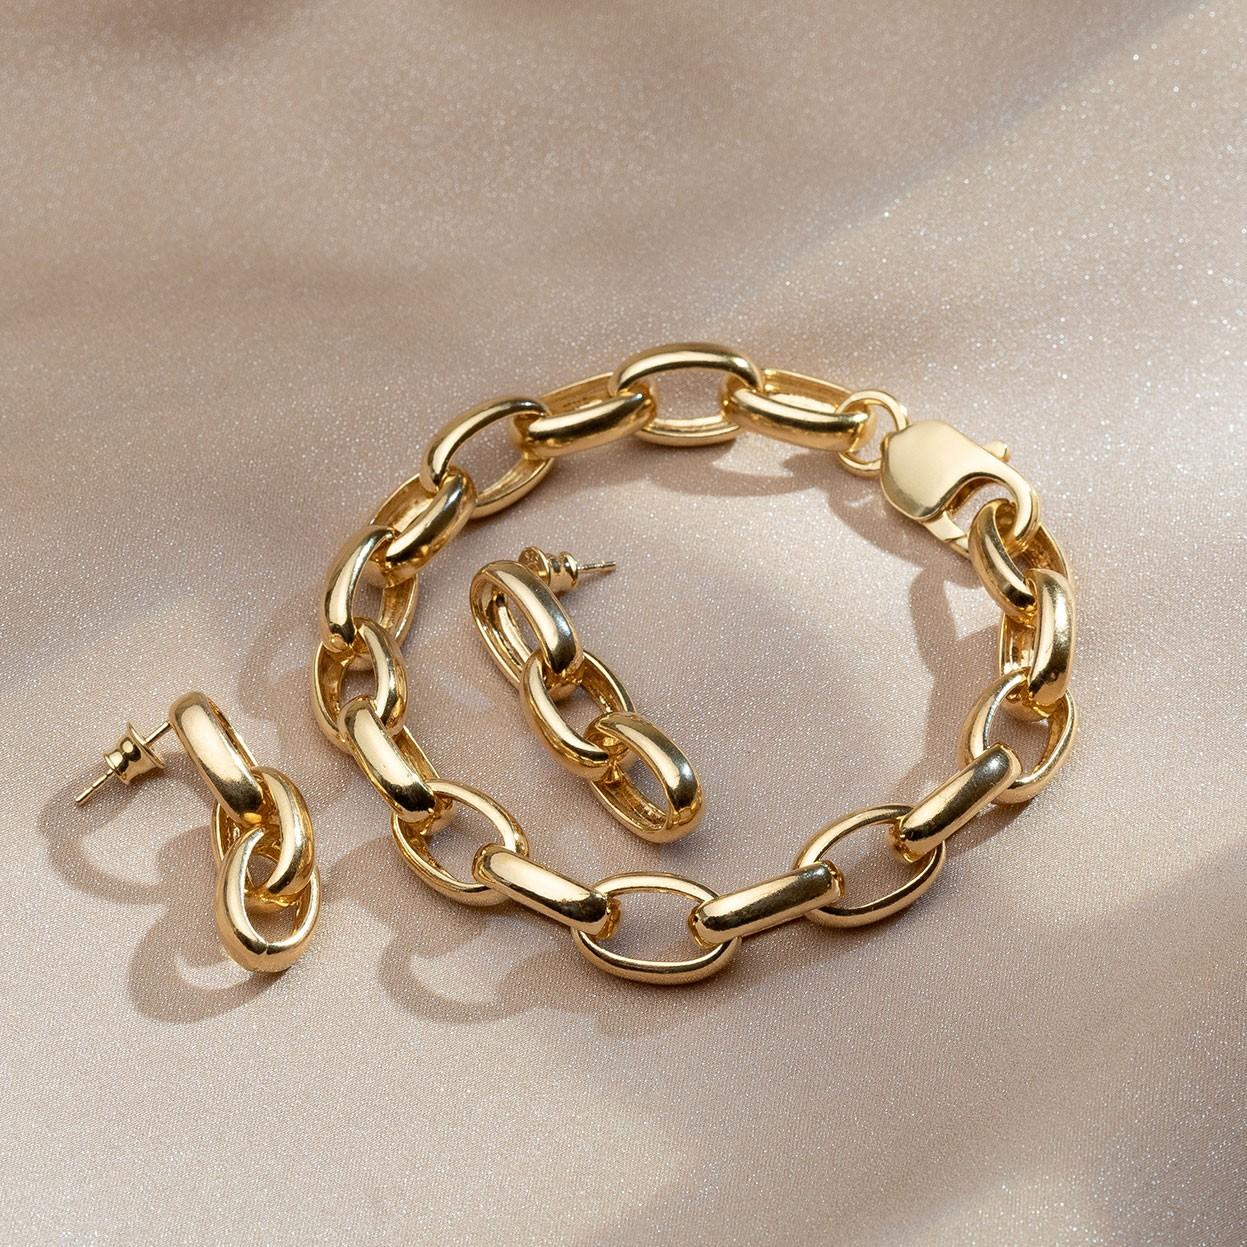 Srebrny gruba bransoletka polerowana 925